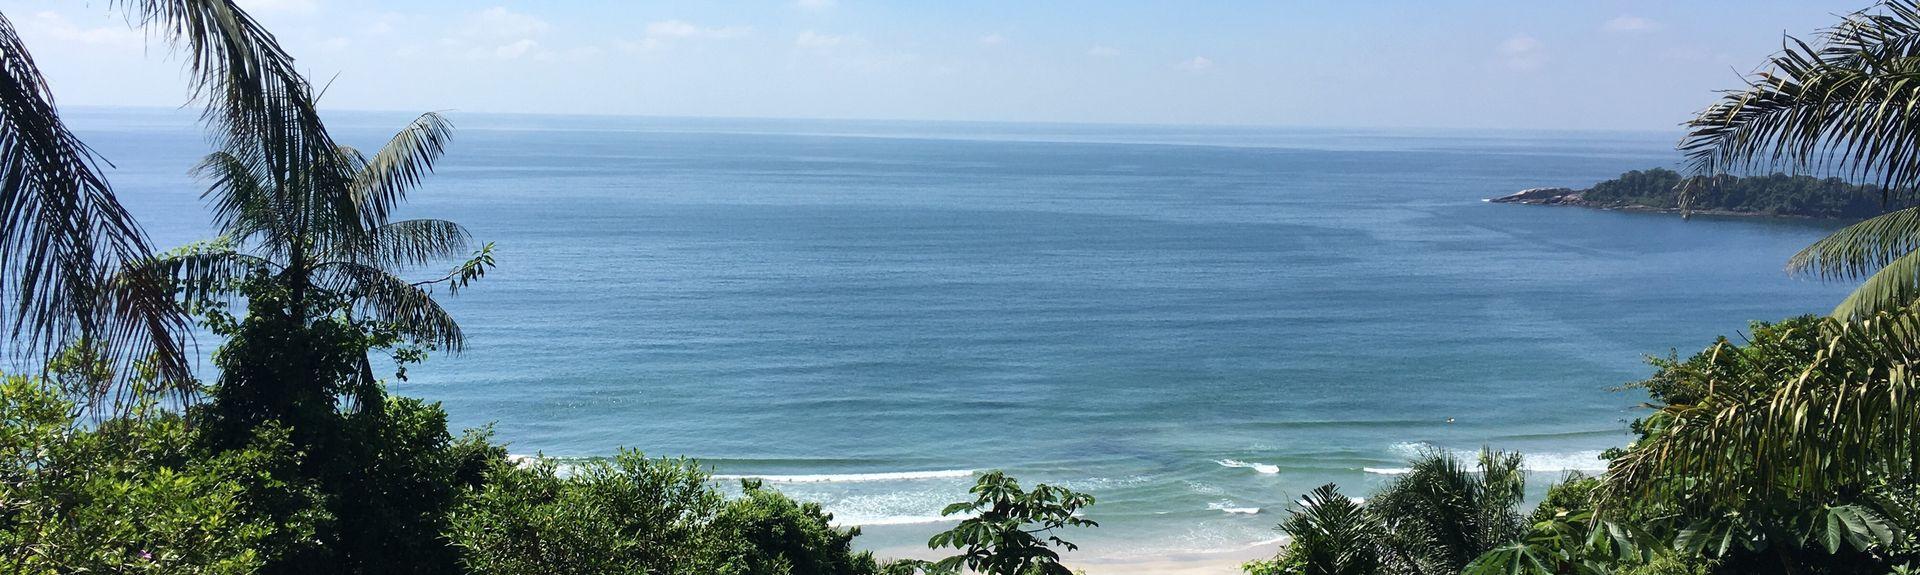 Strand von Pereque, Guaruja, Region Südosten, Brasilien